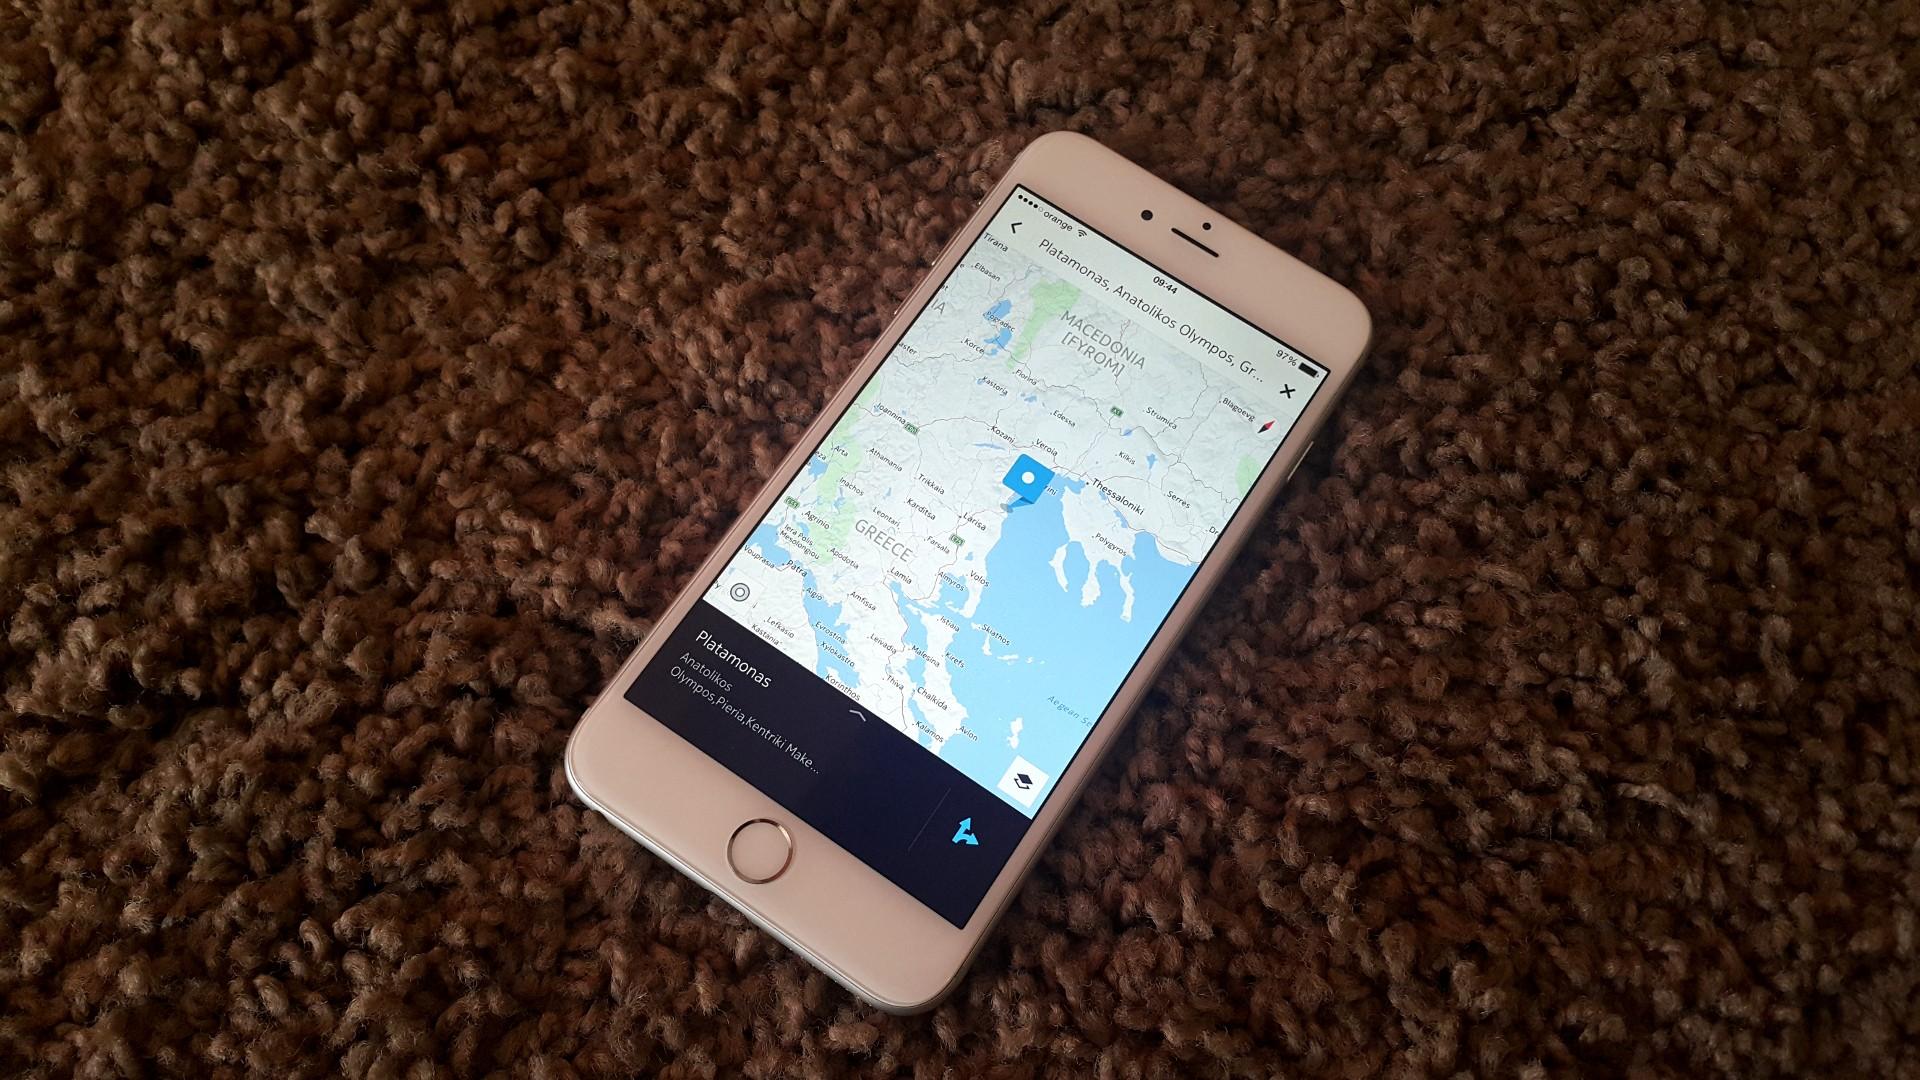 iphone 6 parent buy